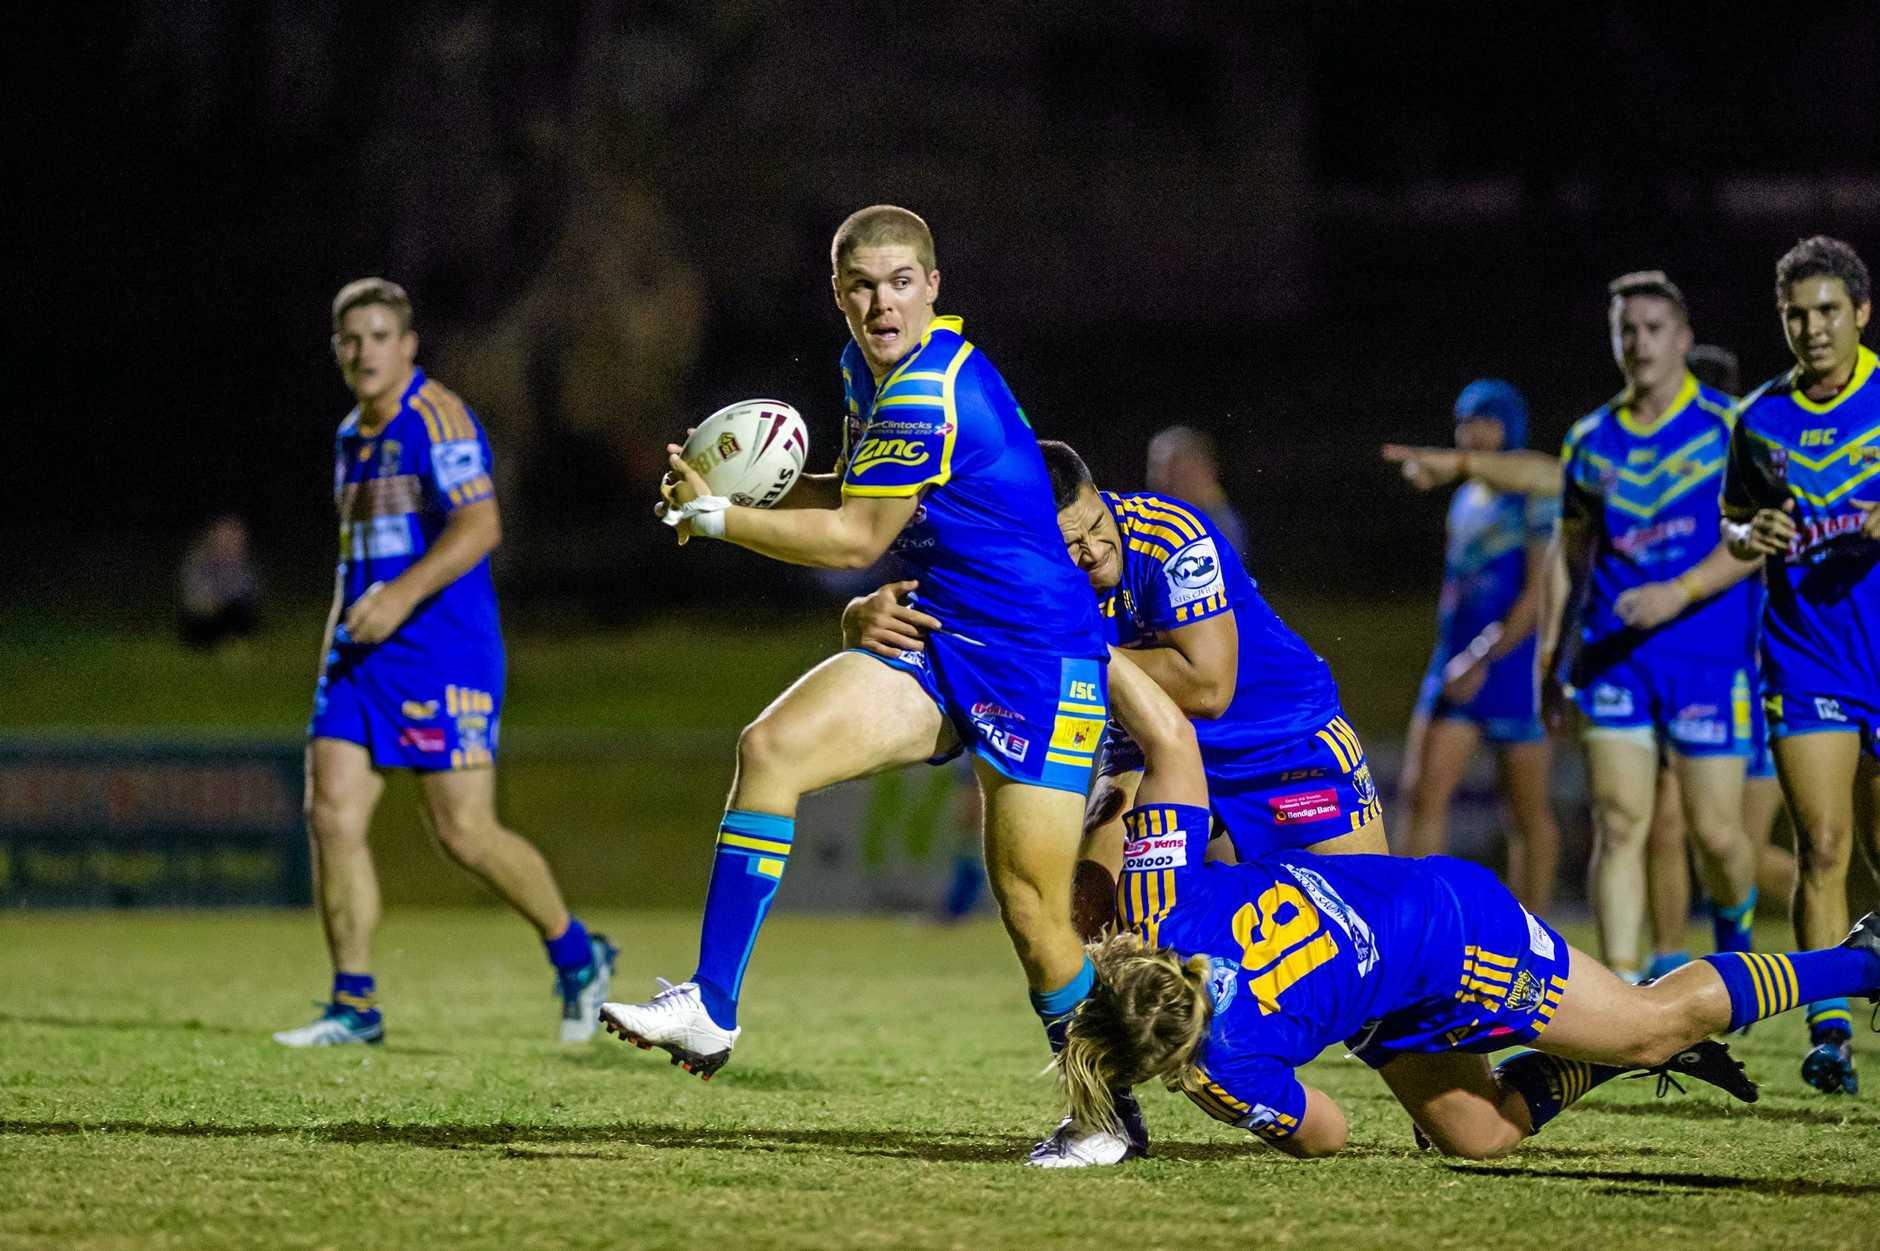 Rugby League - Gympie Devils vs Noosa Pirates - Matt Moessinger Gympie Devils